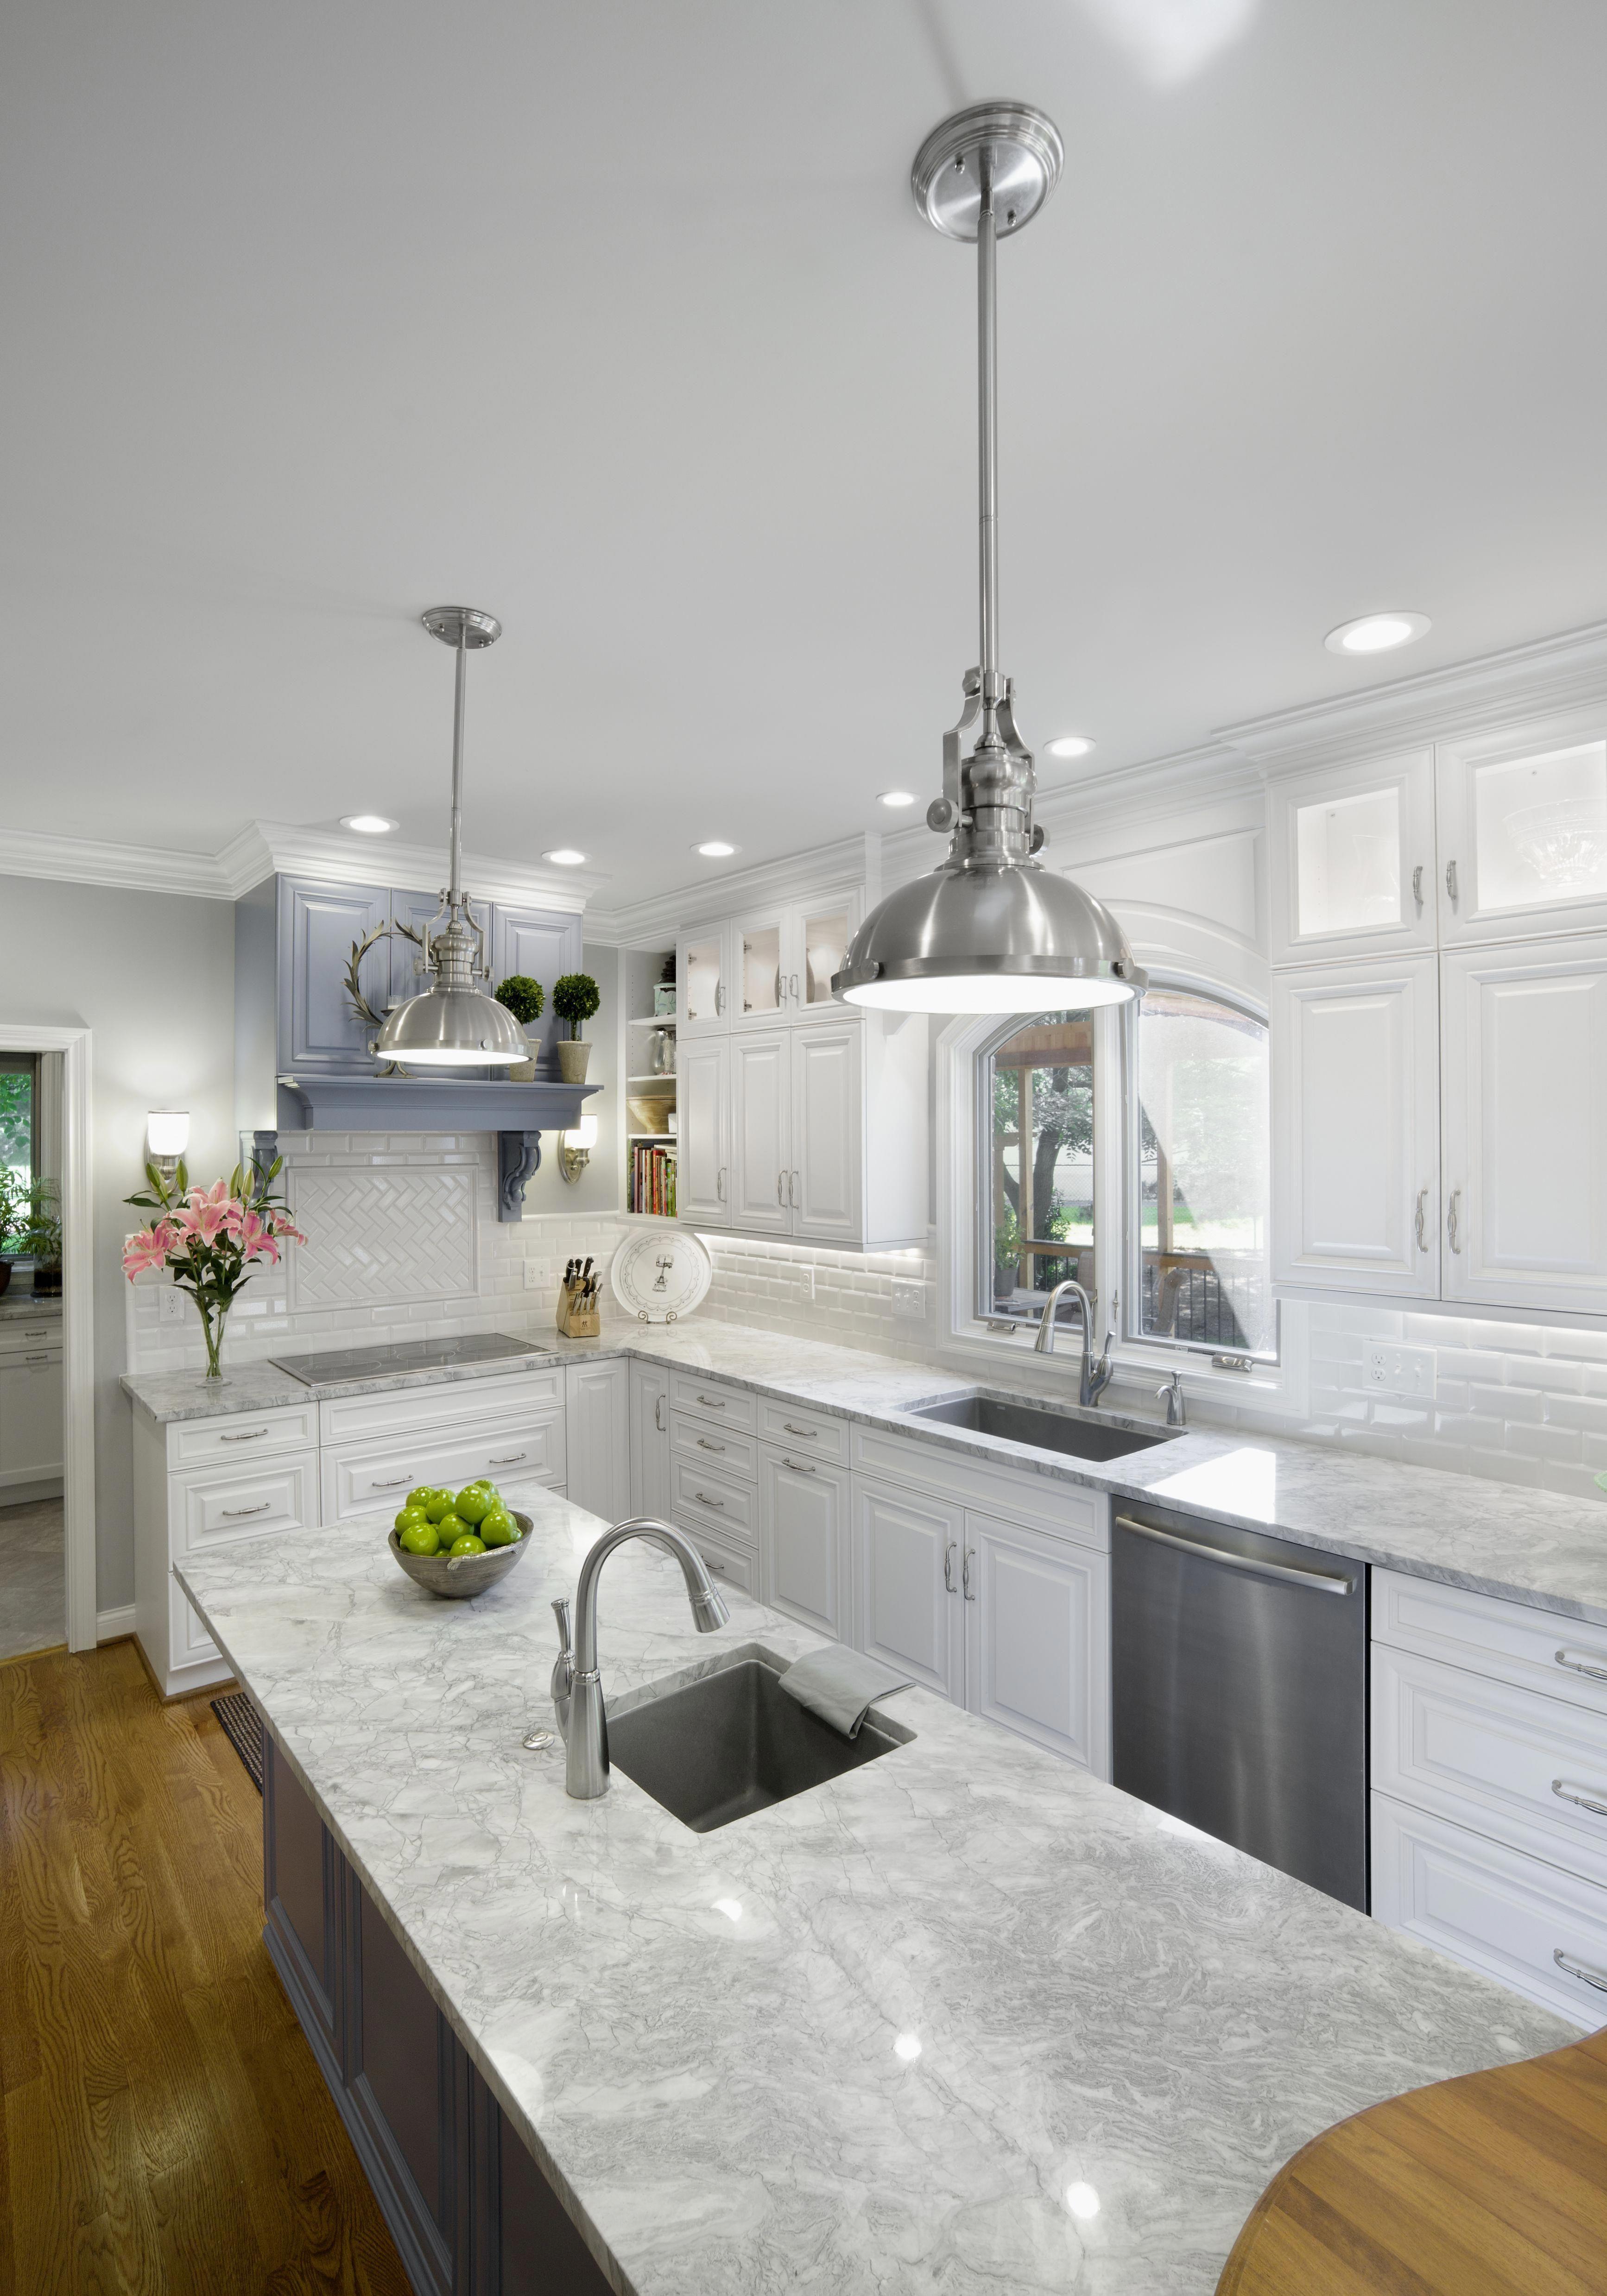 #TipsForHomeDecoration | Small condo kitchen, Condo ...